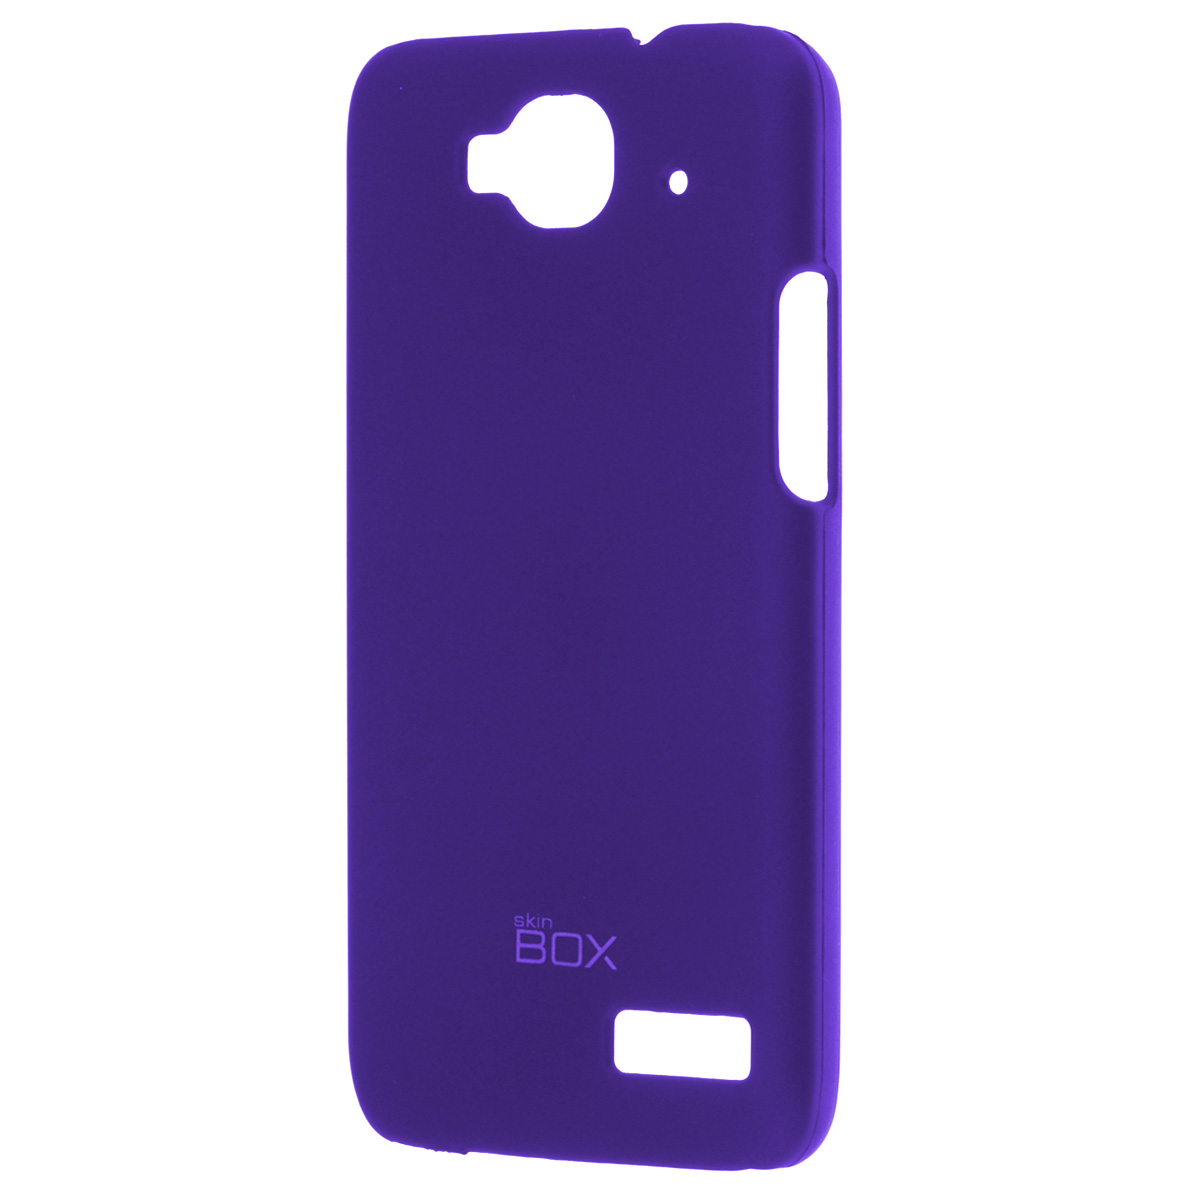 все цены на  Skinbox Shield 4People чехол для Alcatel 6012D Idol Mini, Blue  онлайн